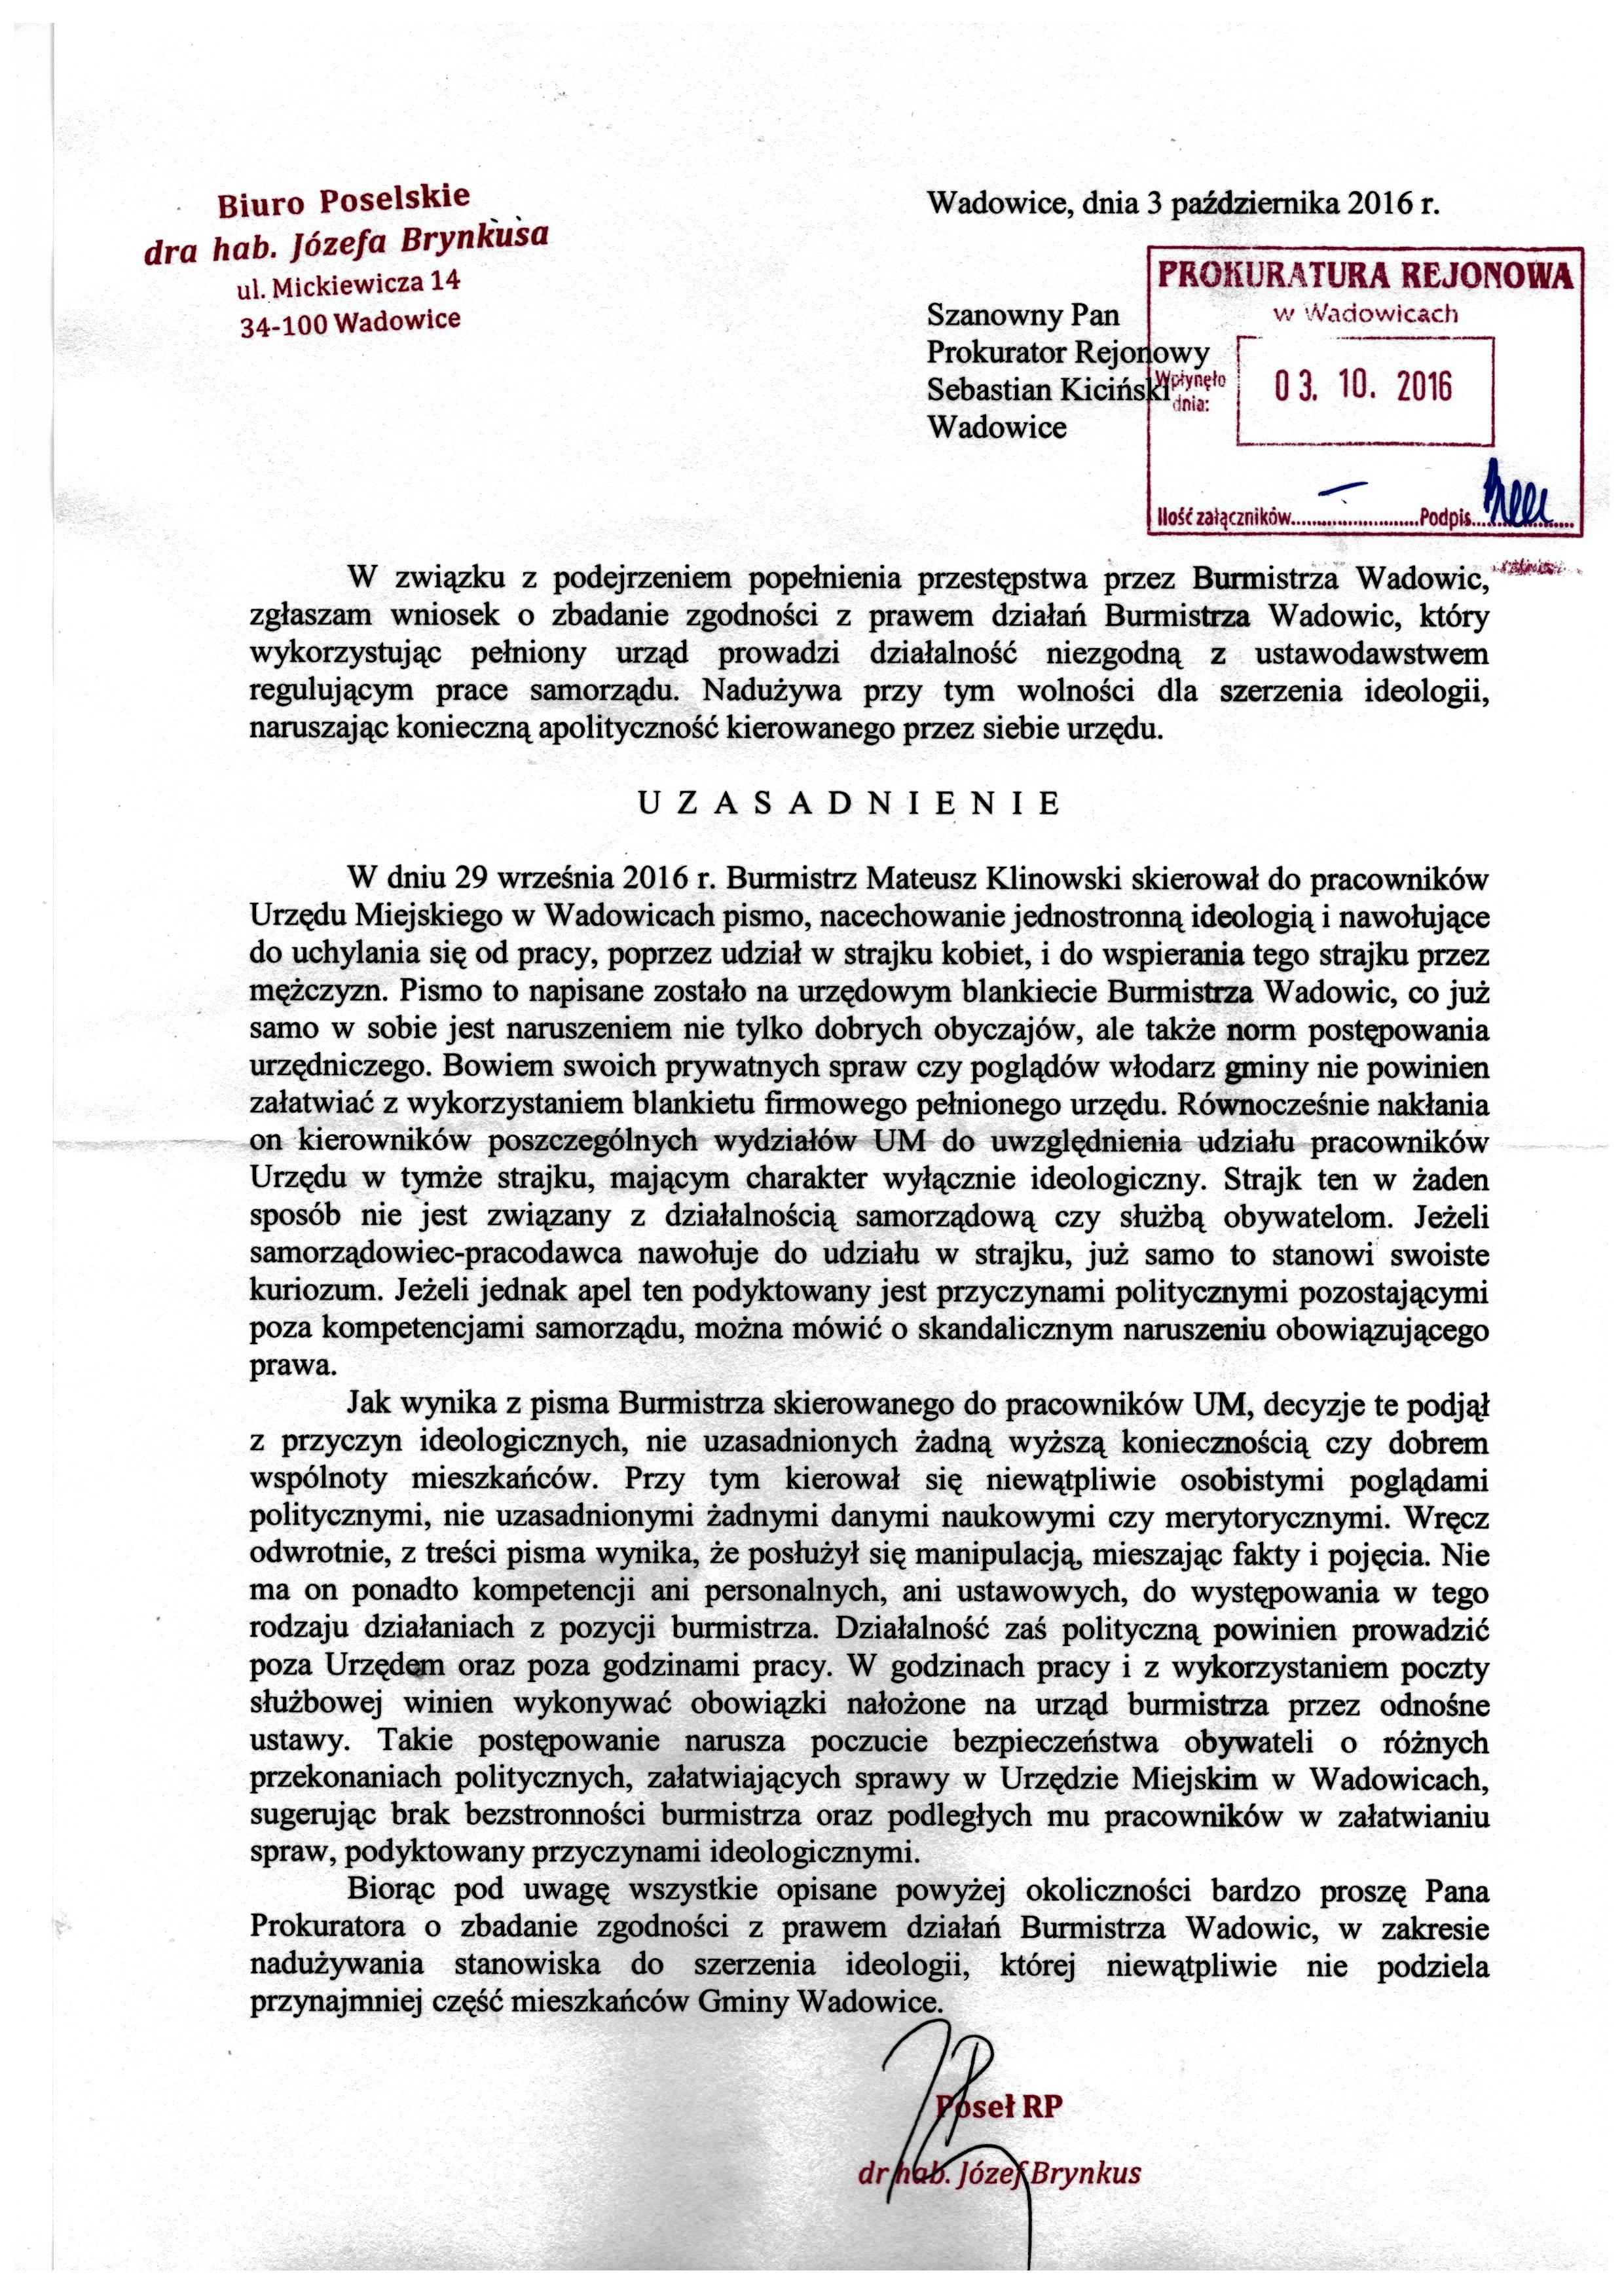 wniosek-do-prokuratury-o-mozliwosci-popelnienia-przestepstwa-przez-klinowskiego